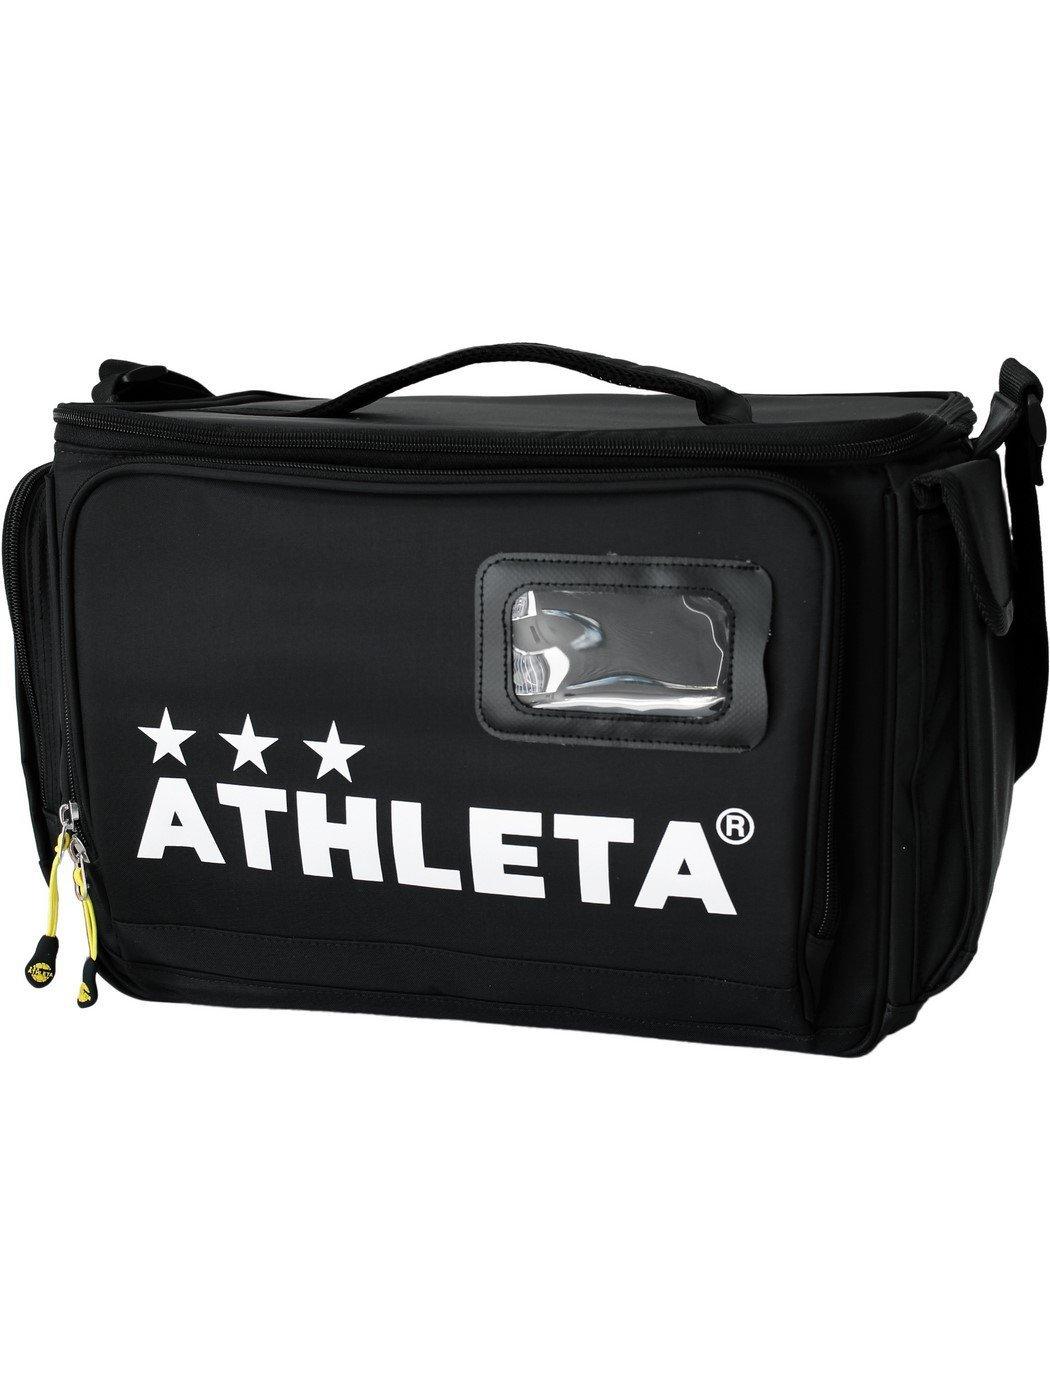 ATHLETA(アスレタ) メディカルバッグ SP-094 B00UYZR3XIブラック Fサイズ